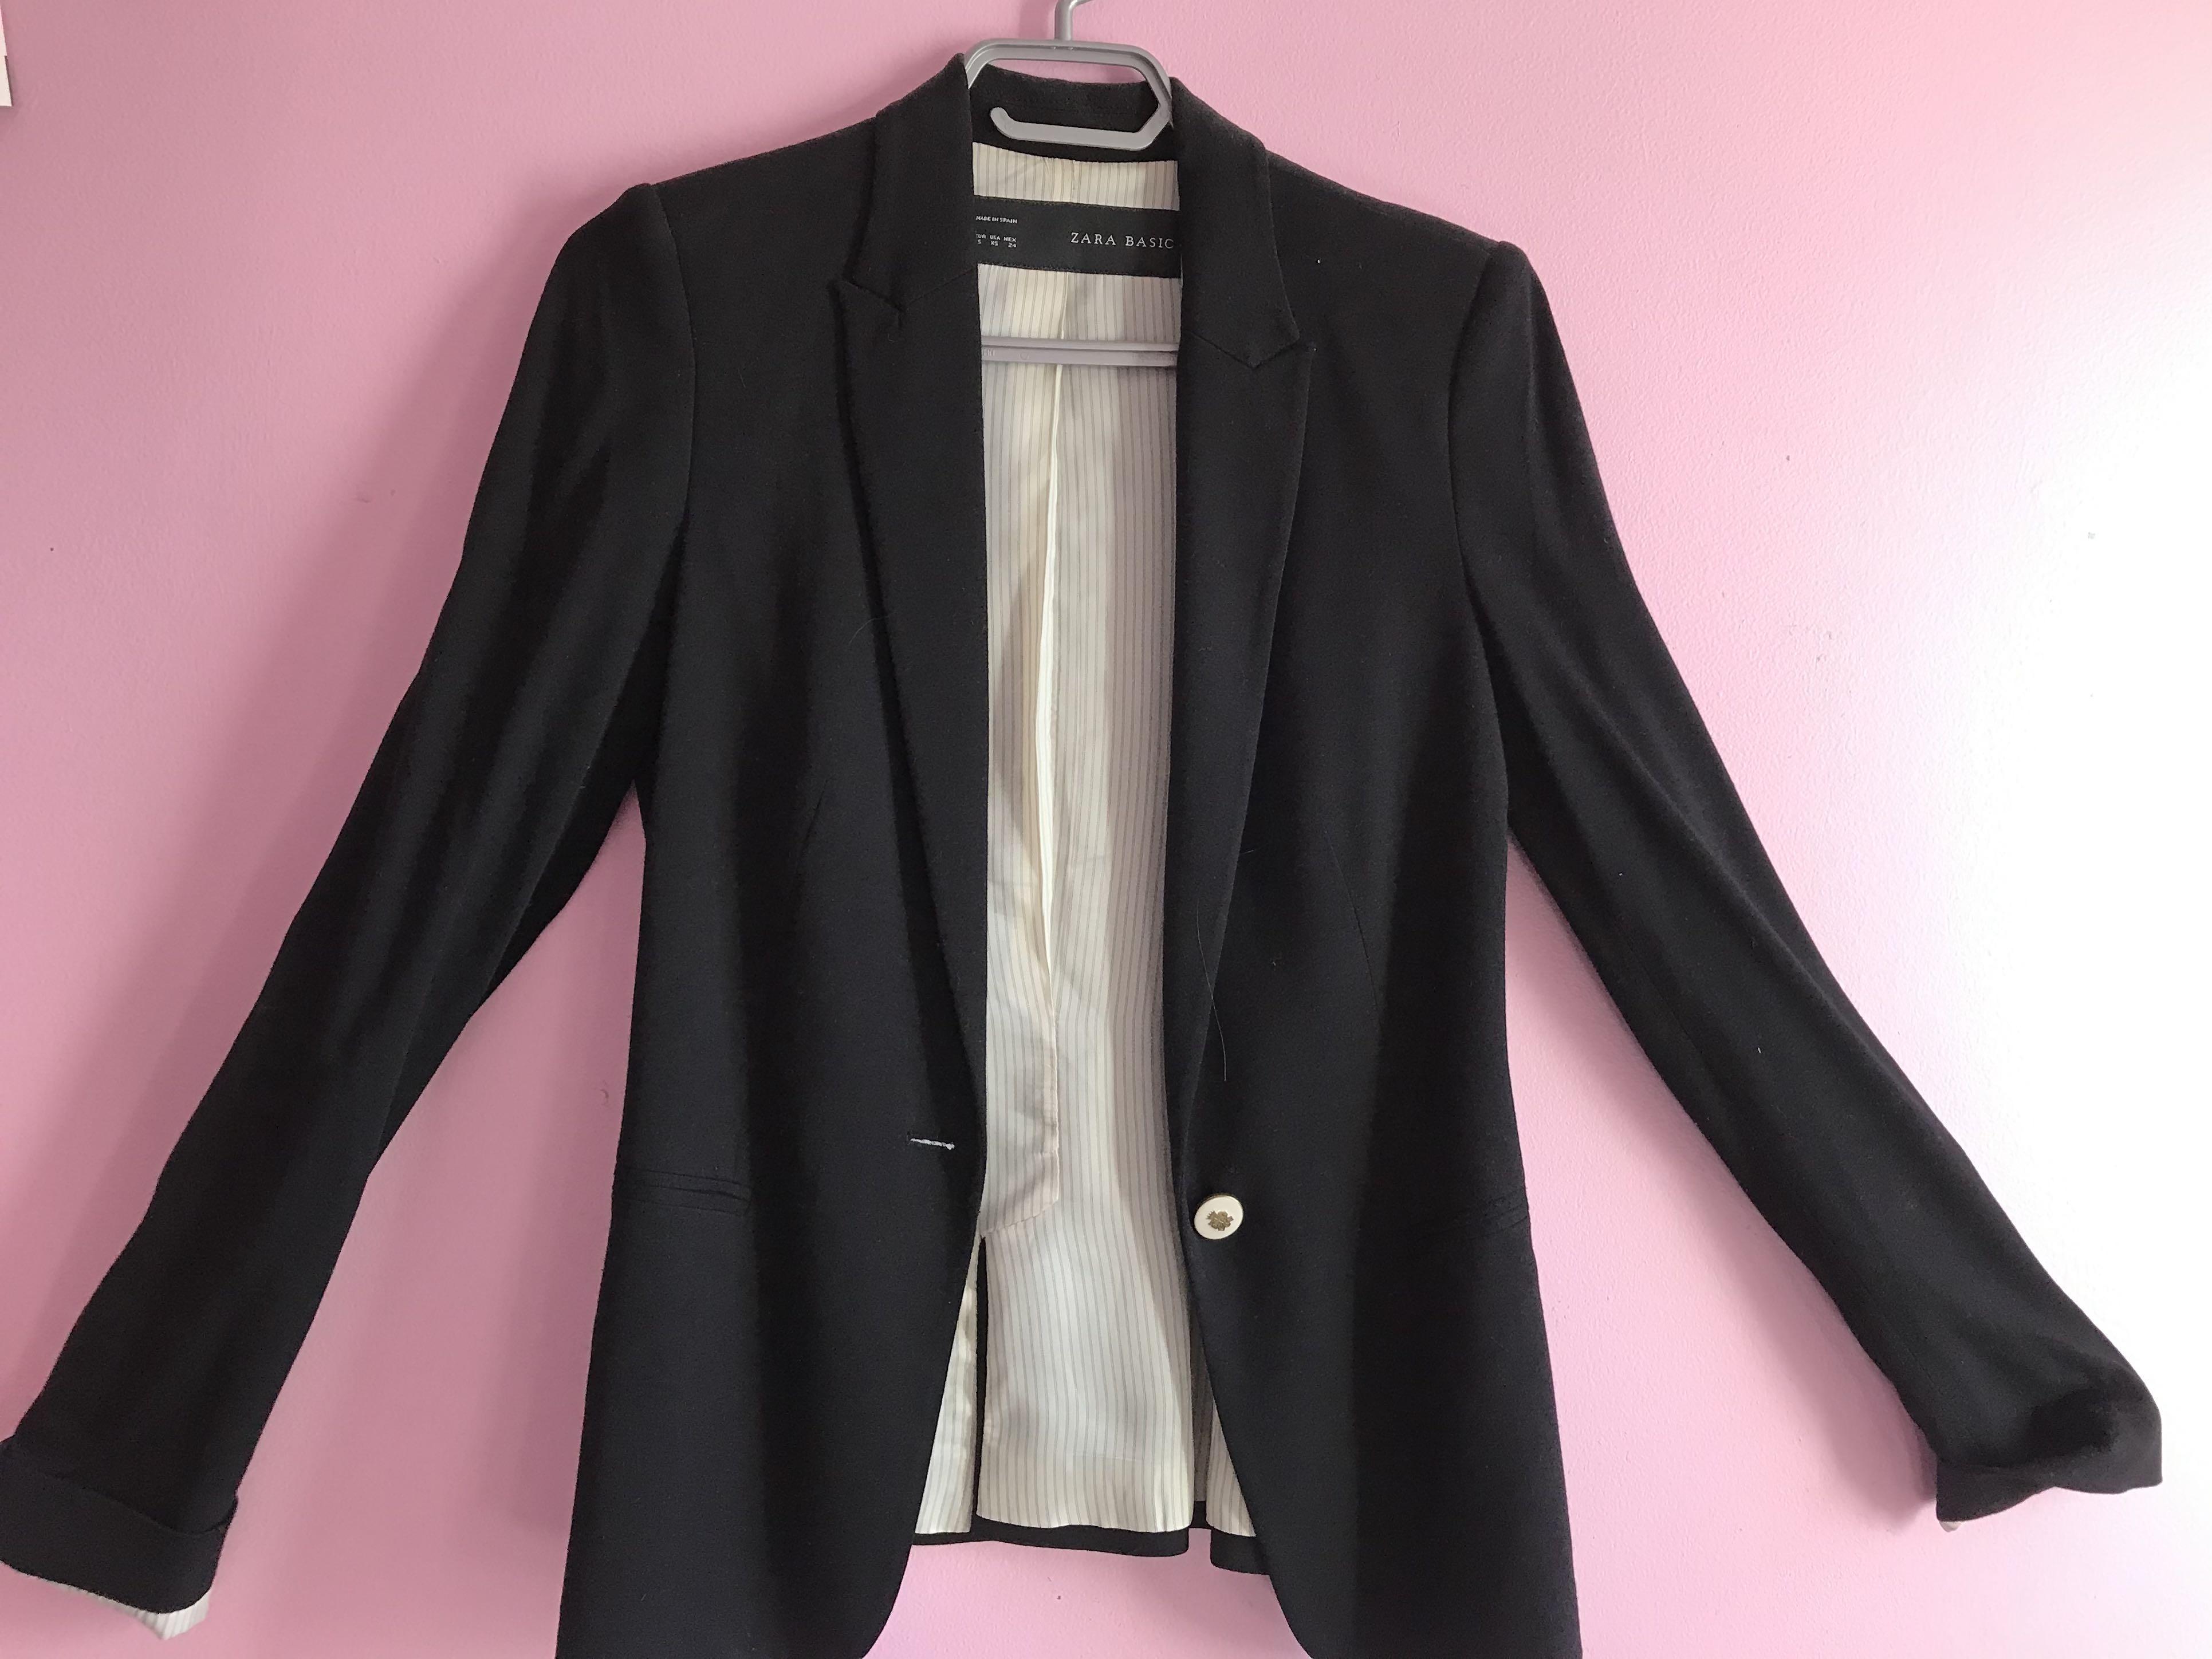 Zara blazer in XS